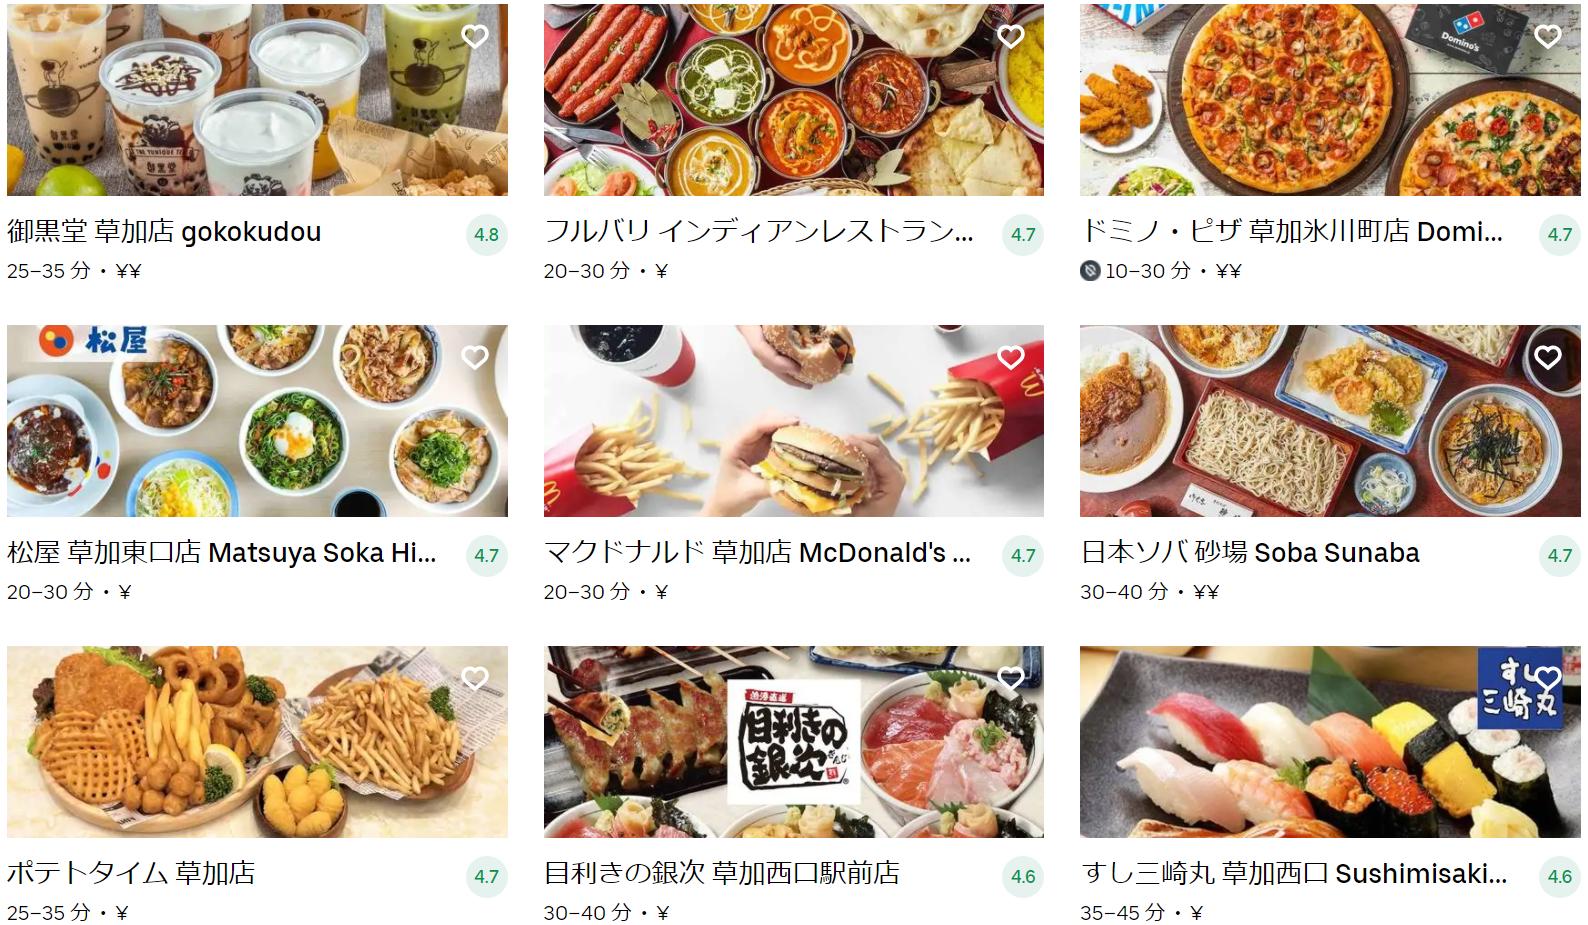 草加市エリアのおすすめUber Eats(ウーバーイーツ)メニュー